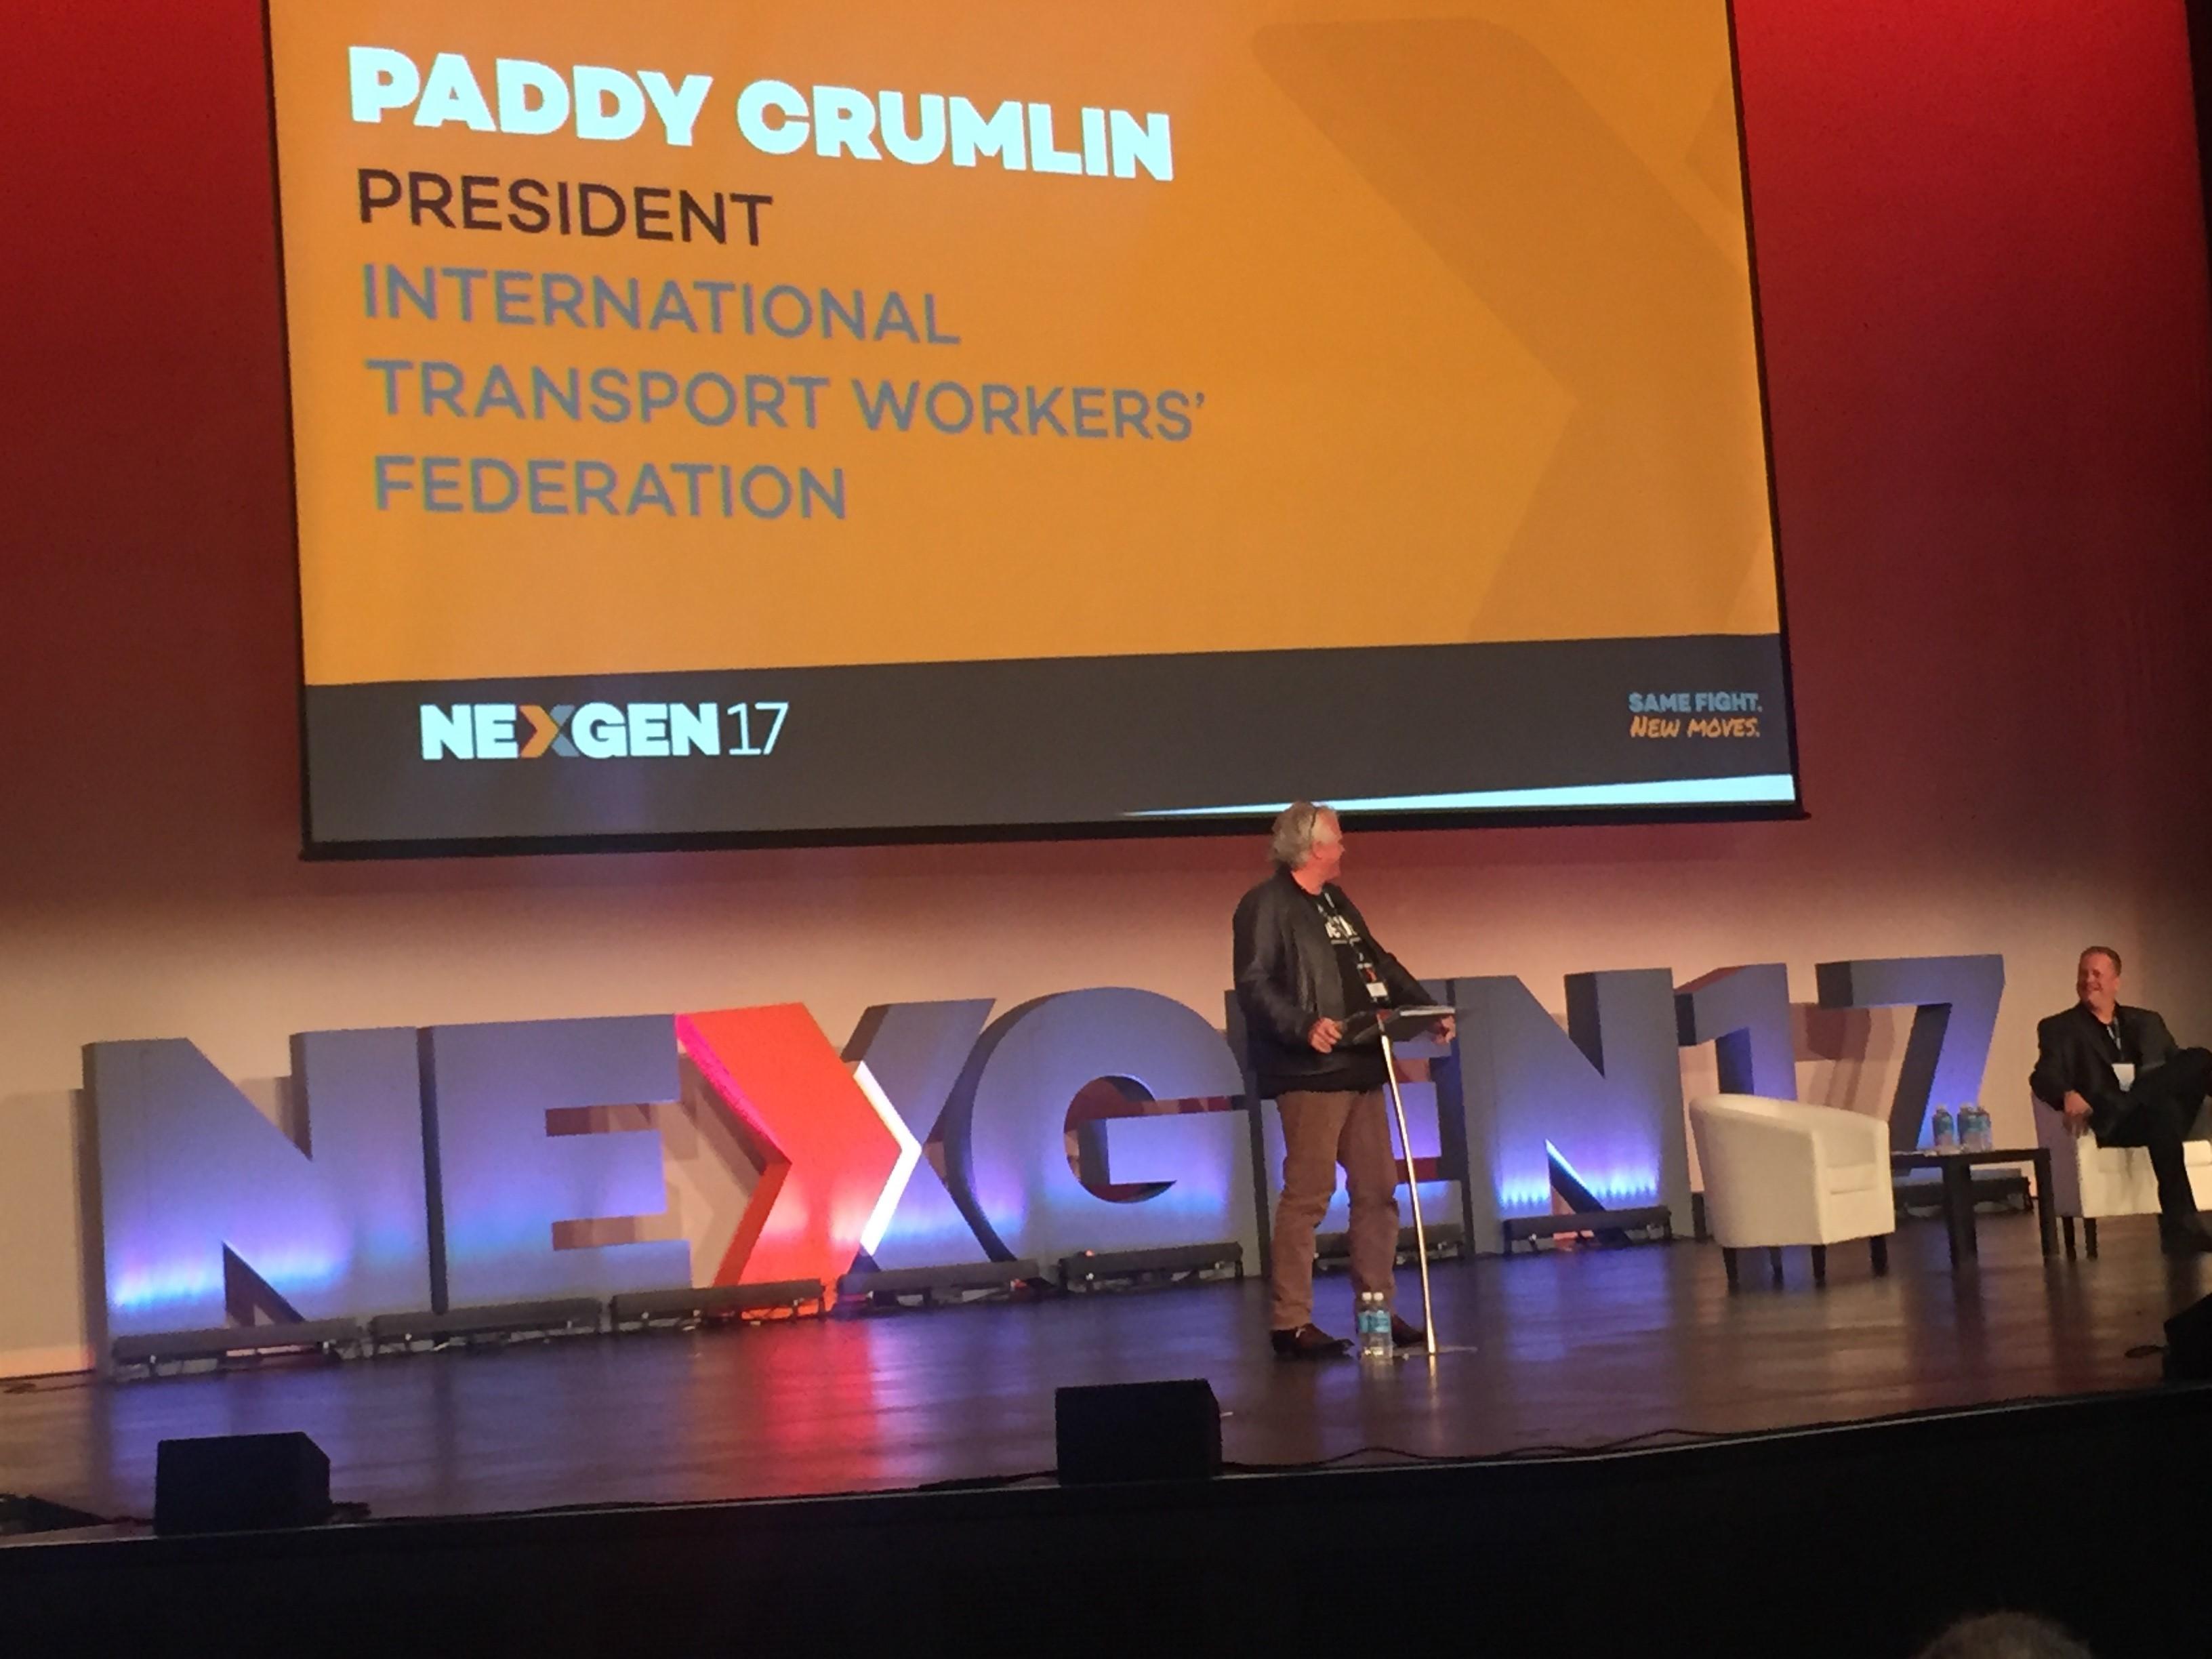 Paddy_Crumlin.jpg